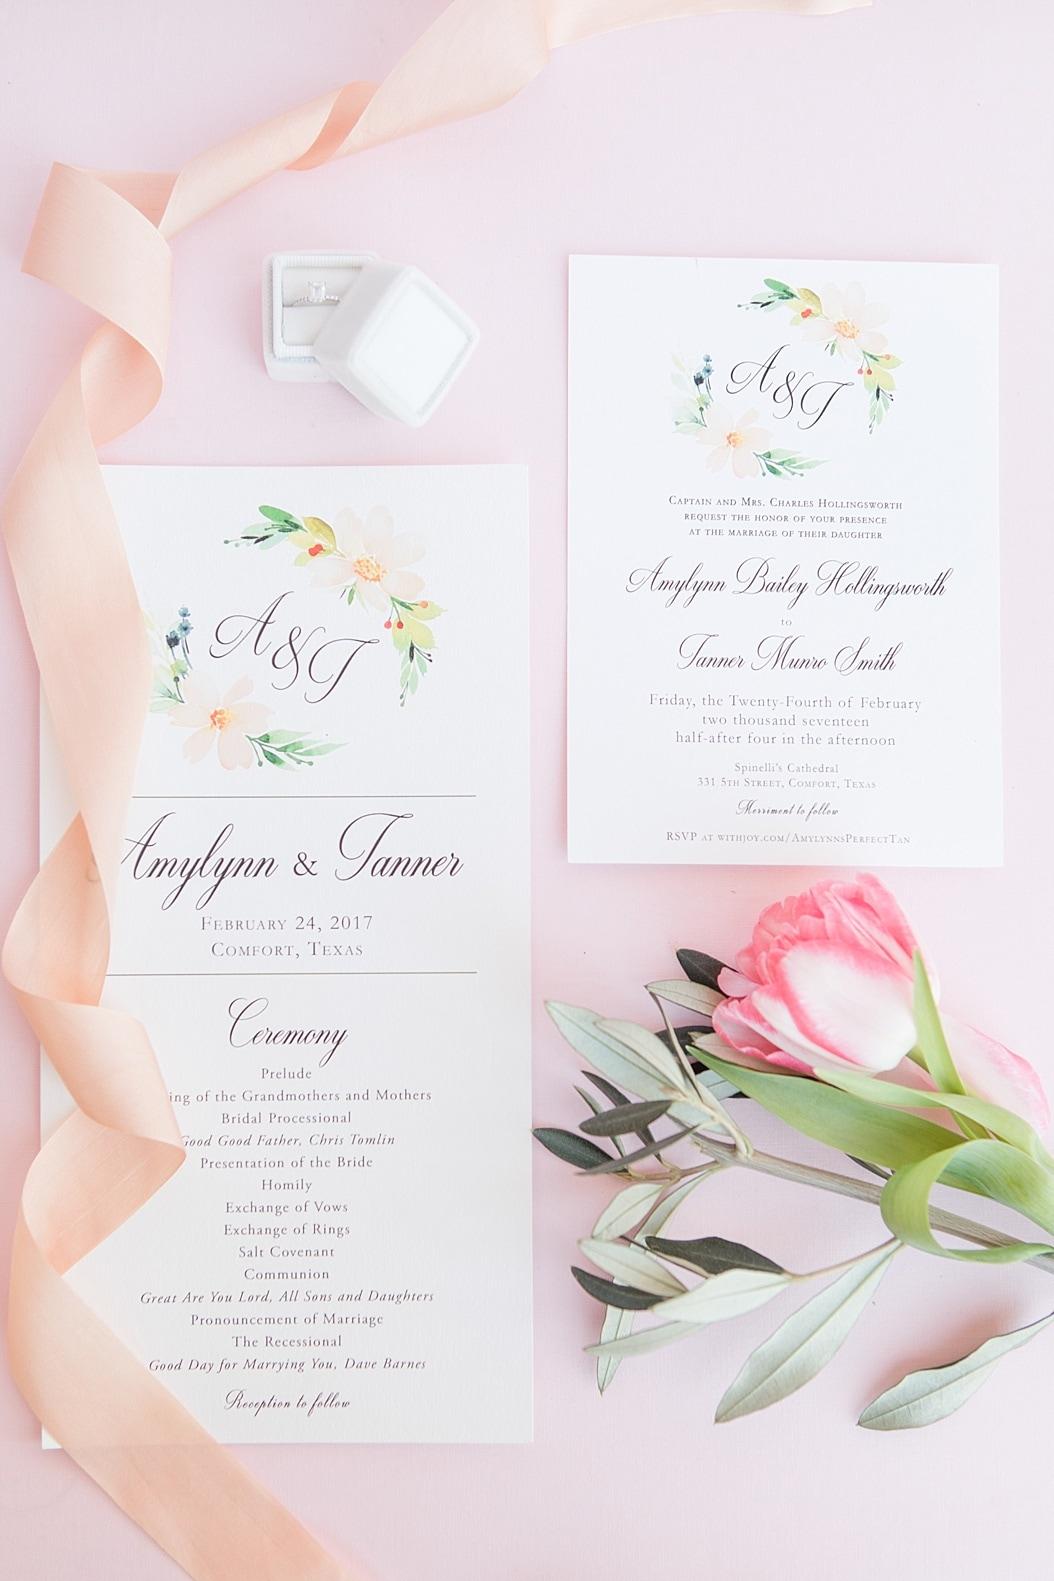 wedding ceremony program.jpg